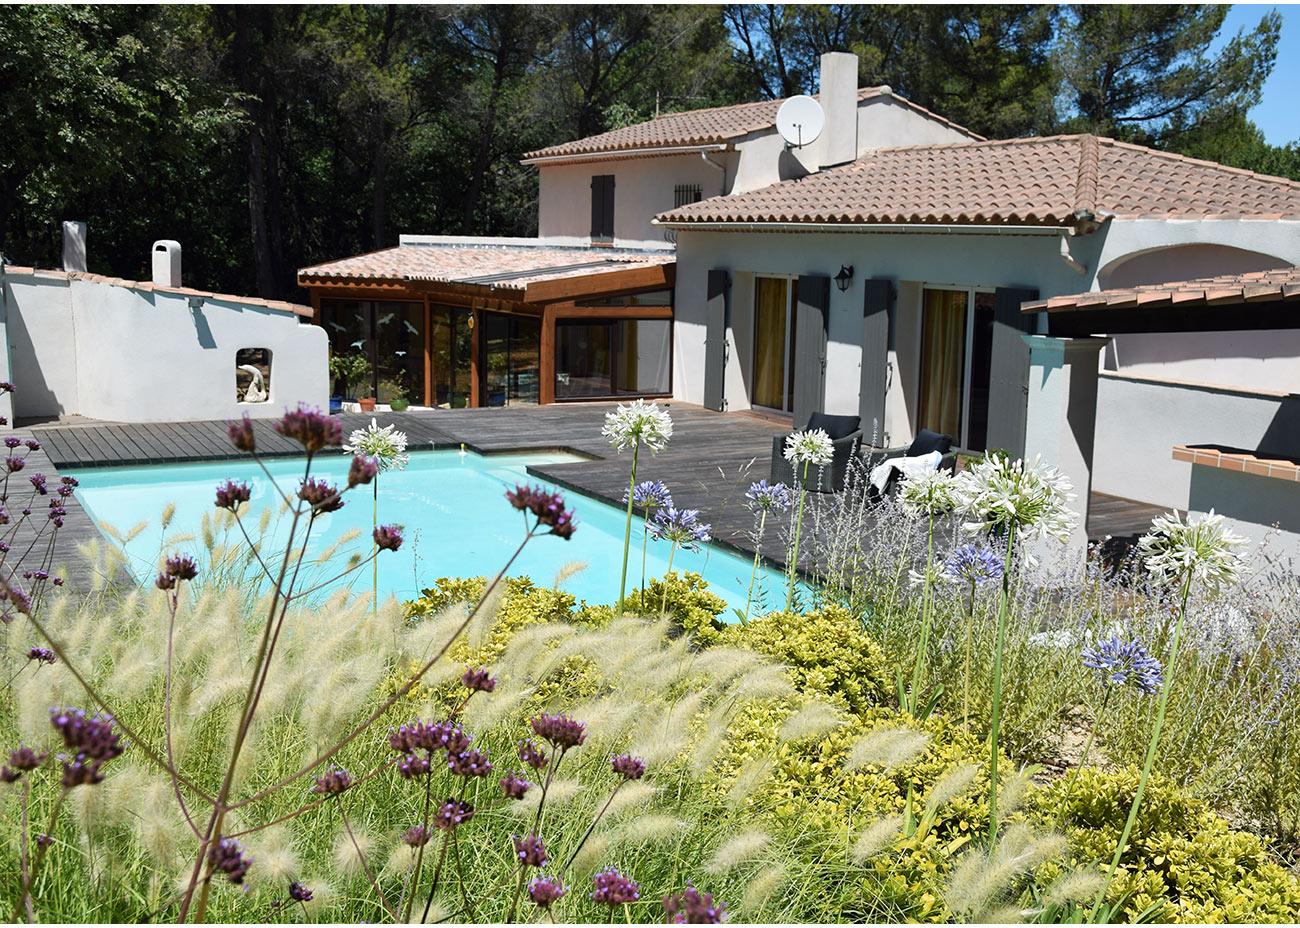 Jardin relooking - Architecte paysagiste concepteur Montpellier